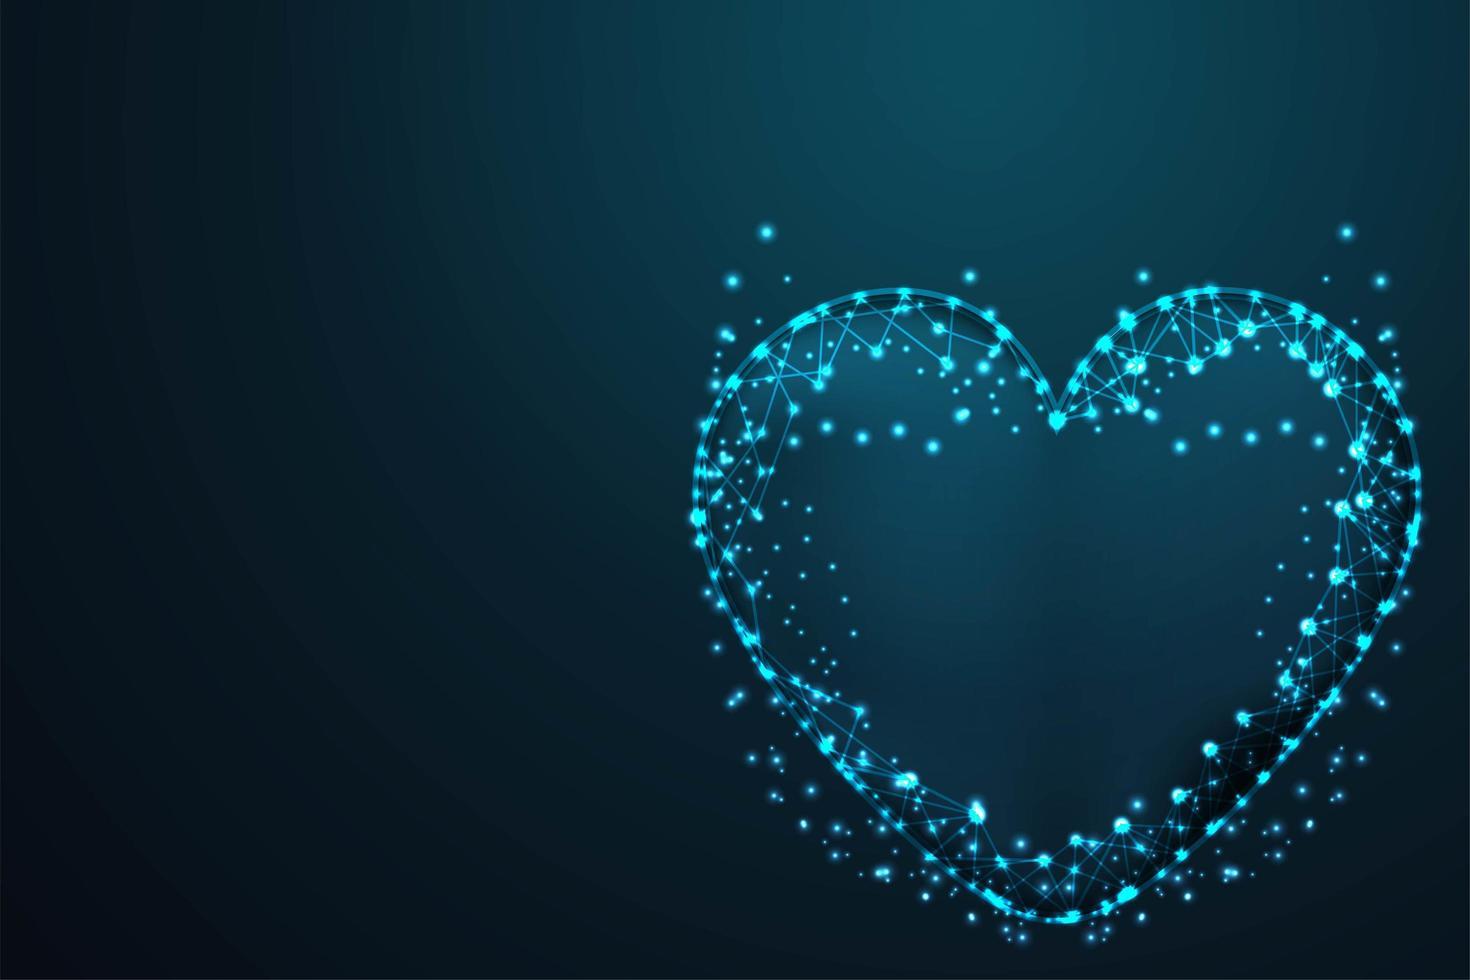 maglia metallica poligonale a cuore vettore